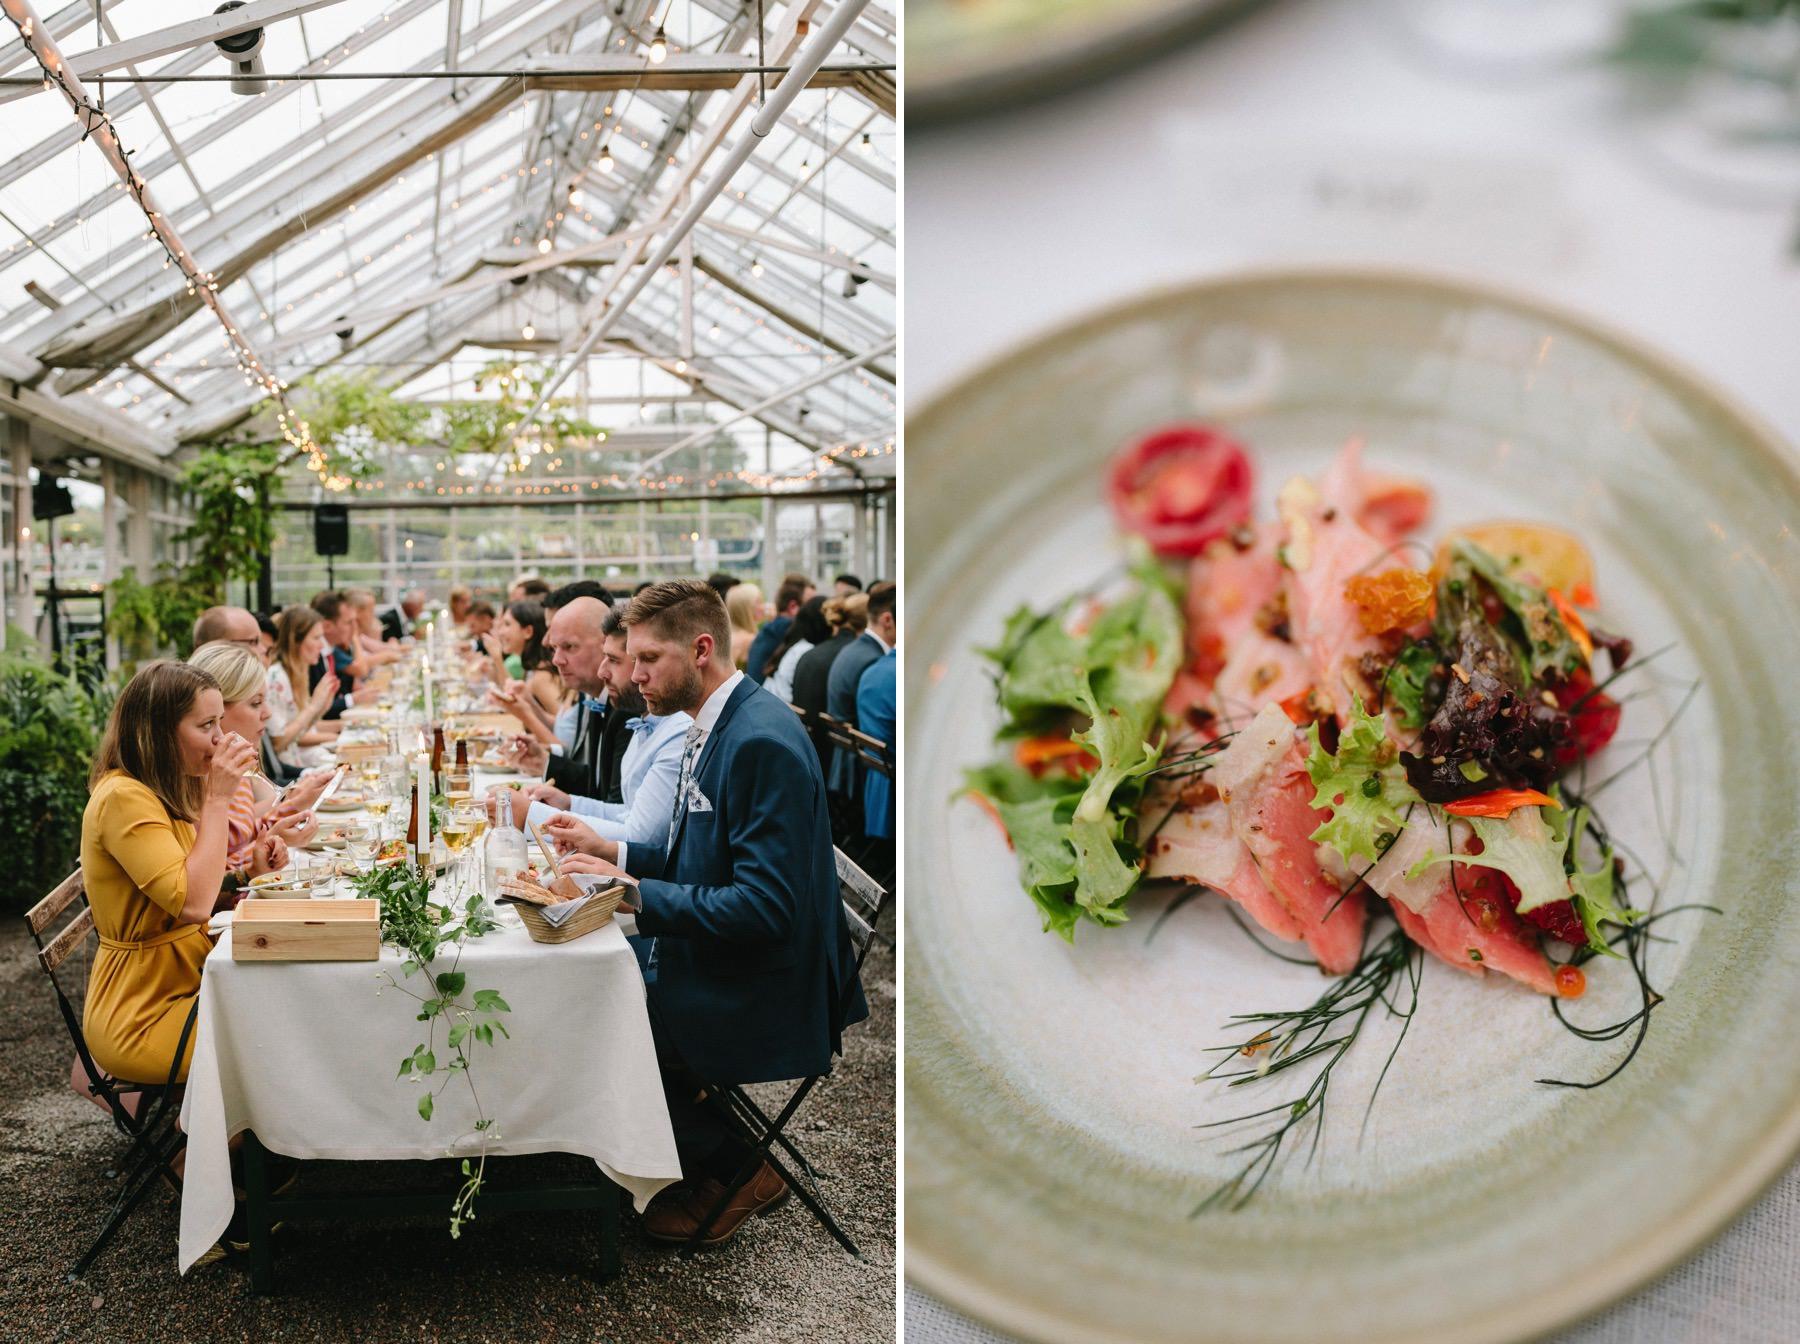 rosendals trädgård wedding menu